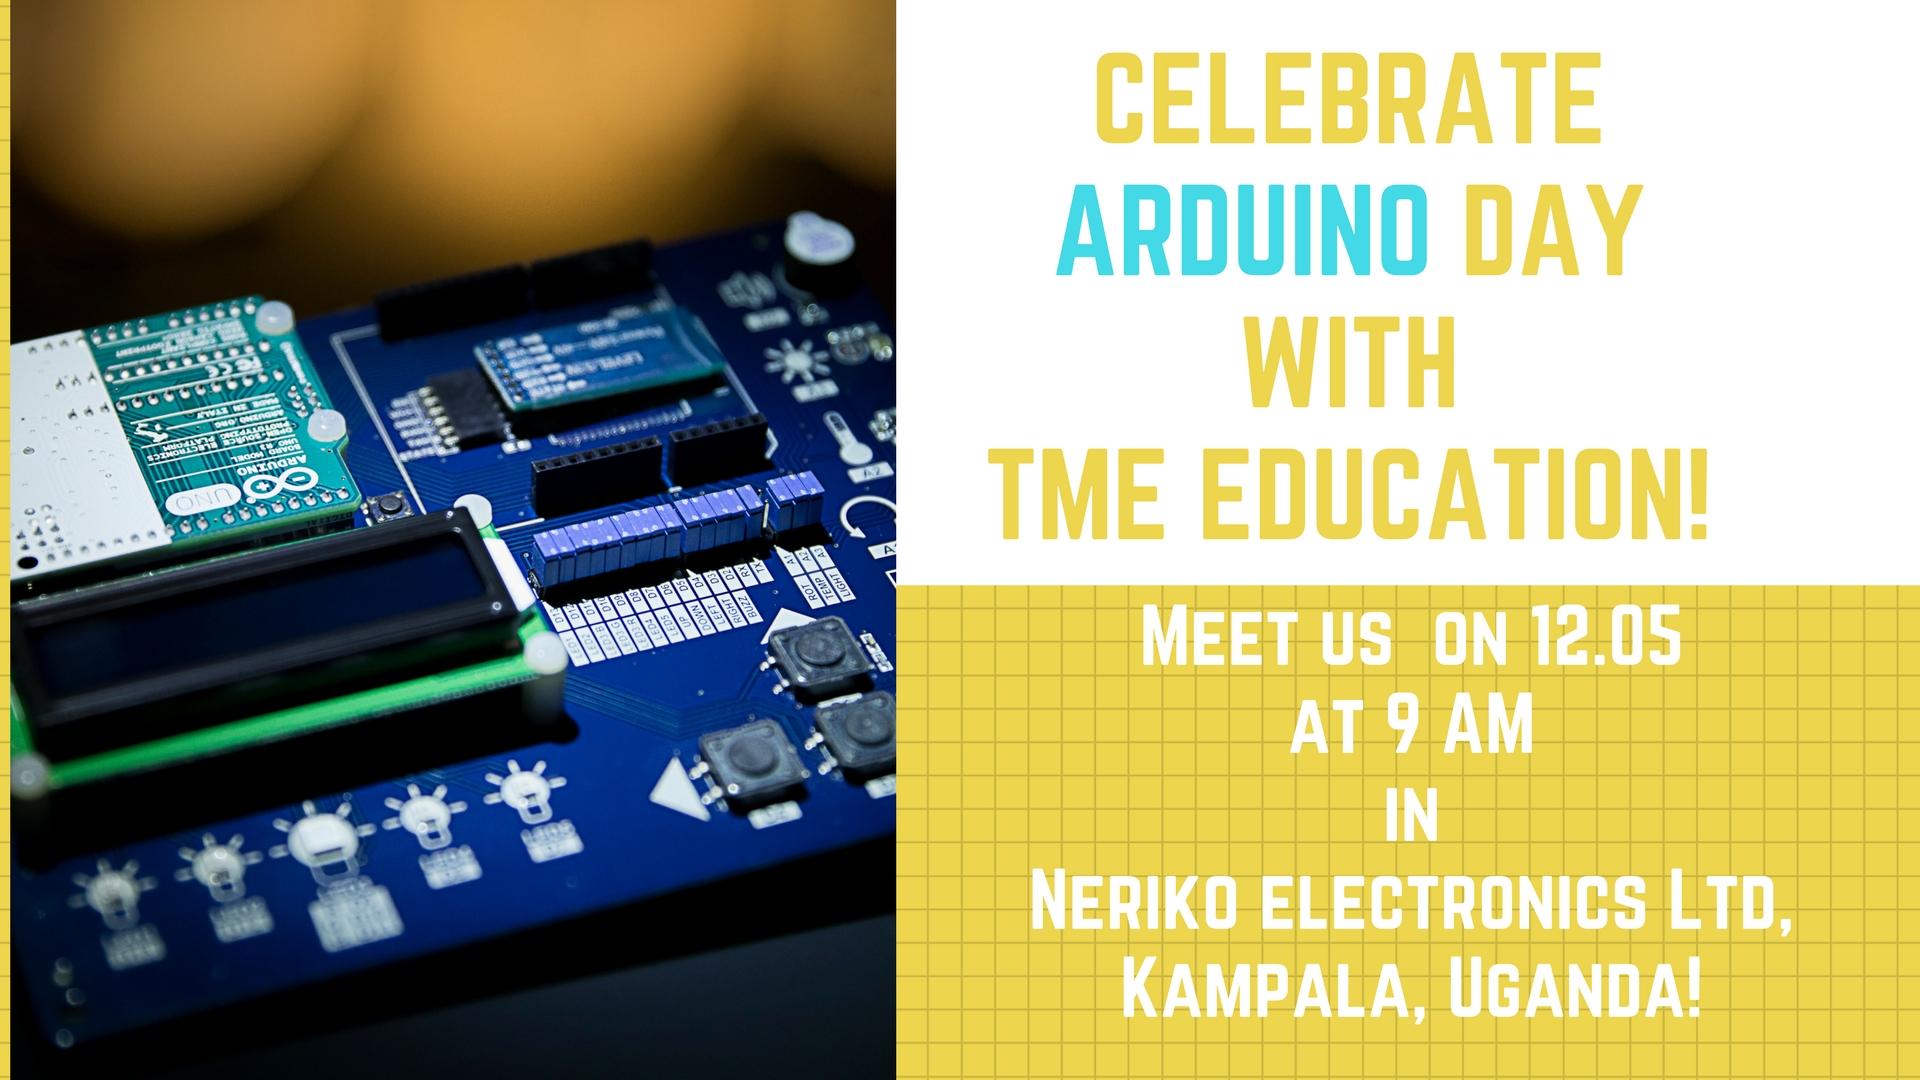 Arduino birthday! Let's celebrate it together in Uganda!